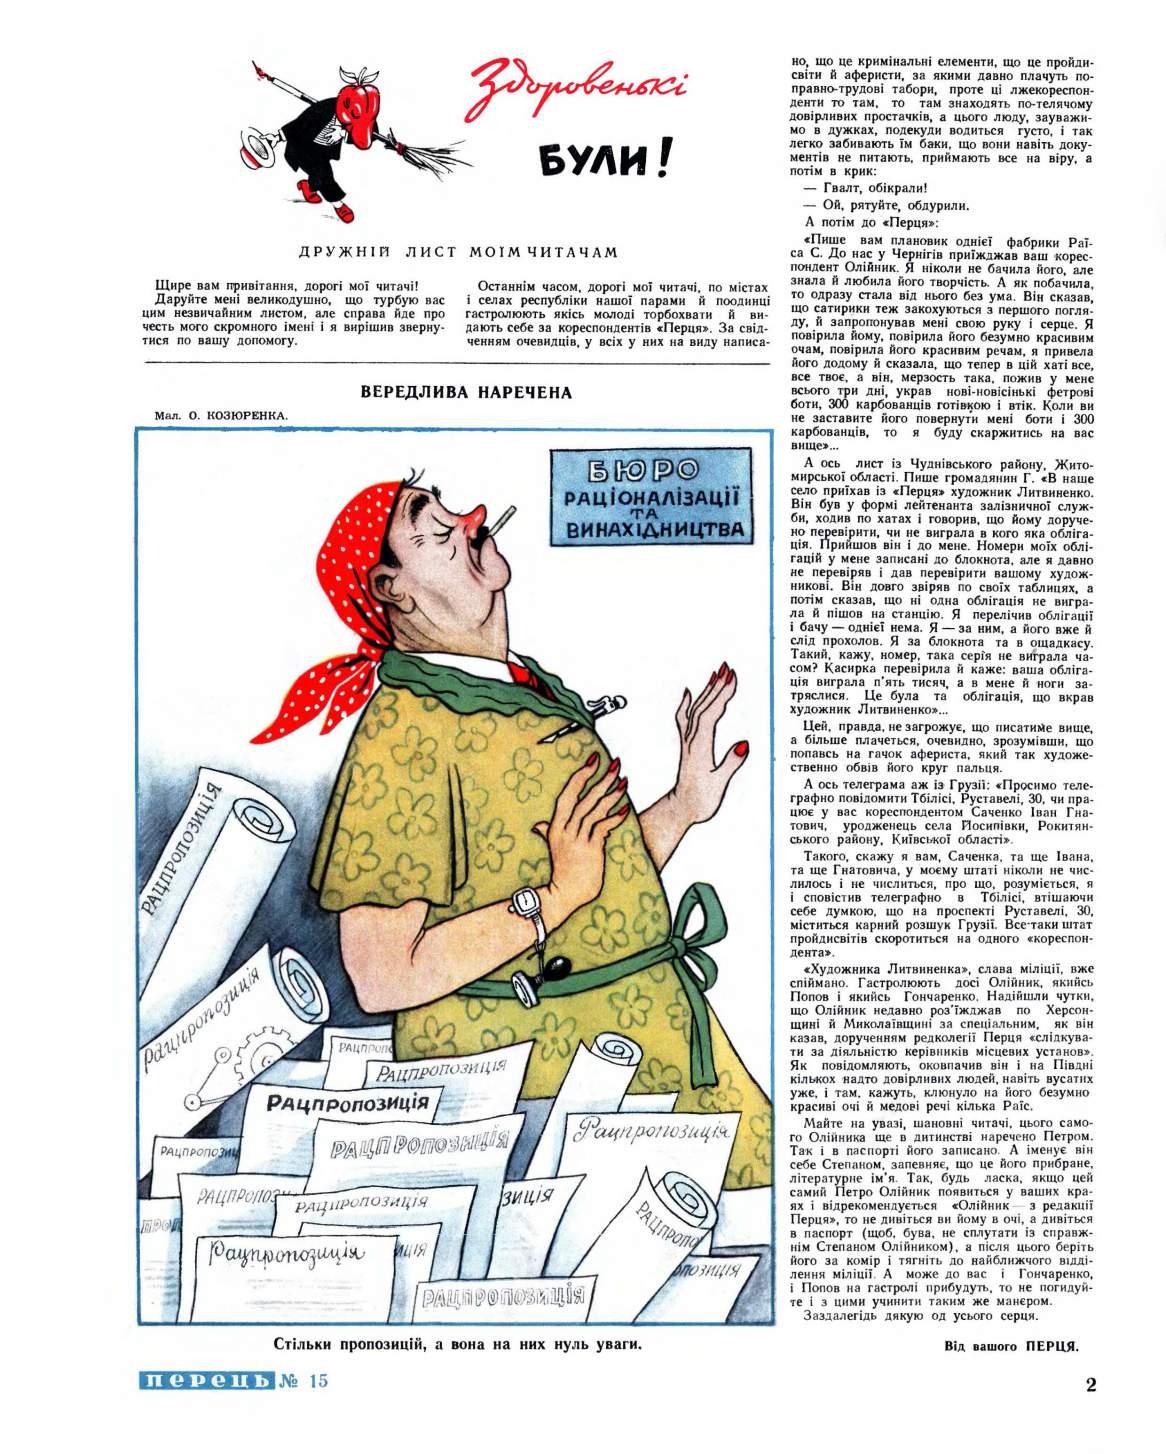 Журнал перець 1955 №15